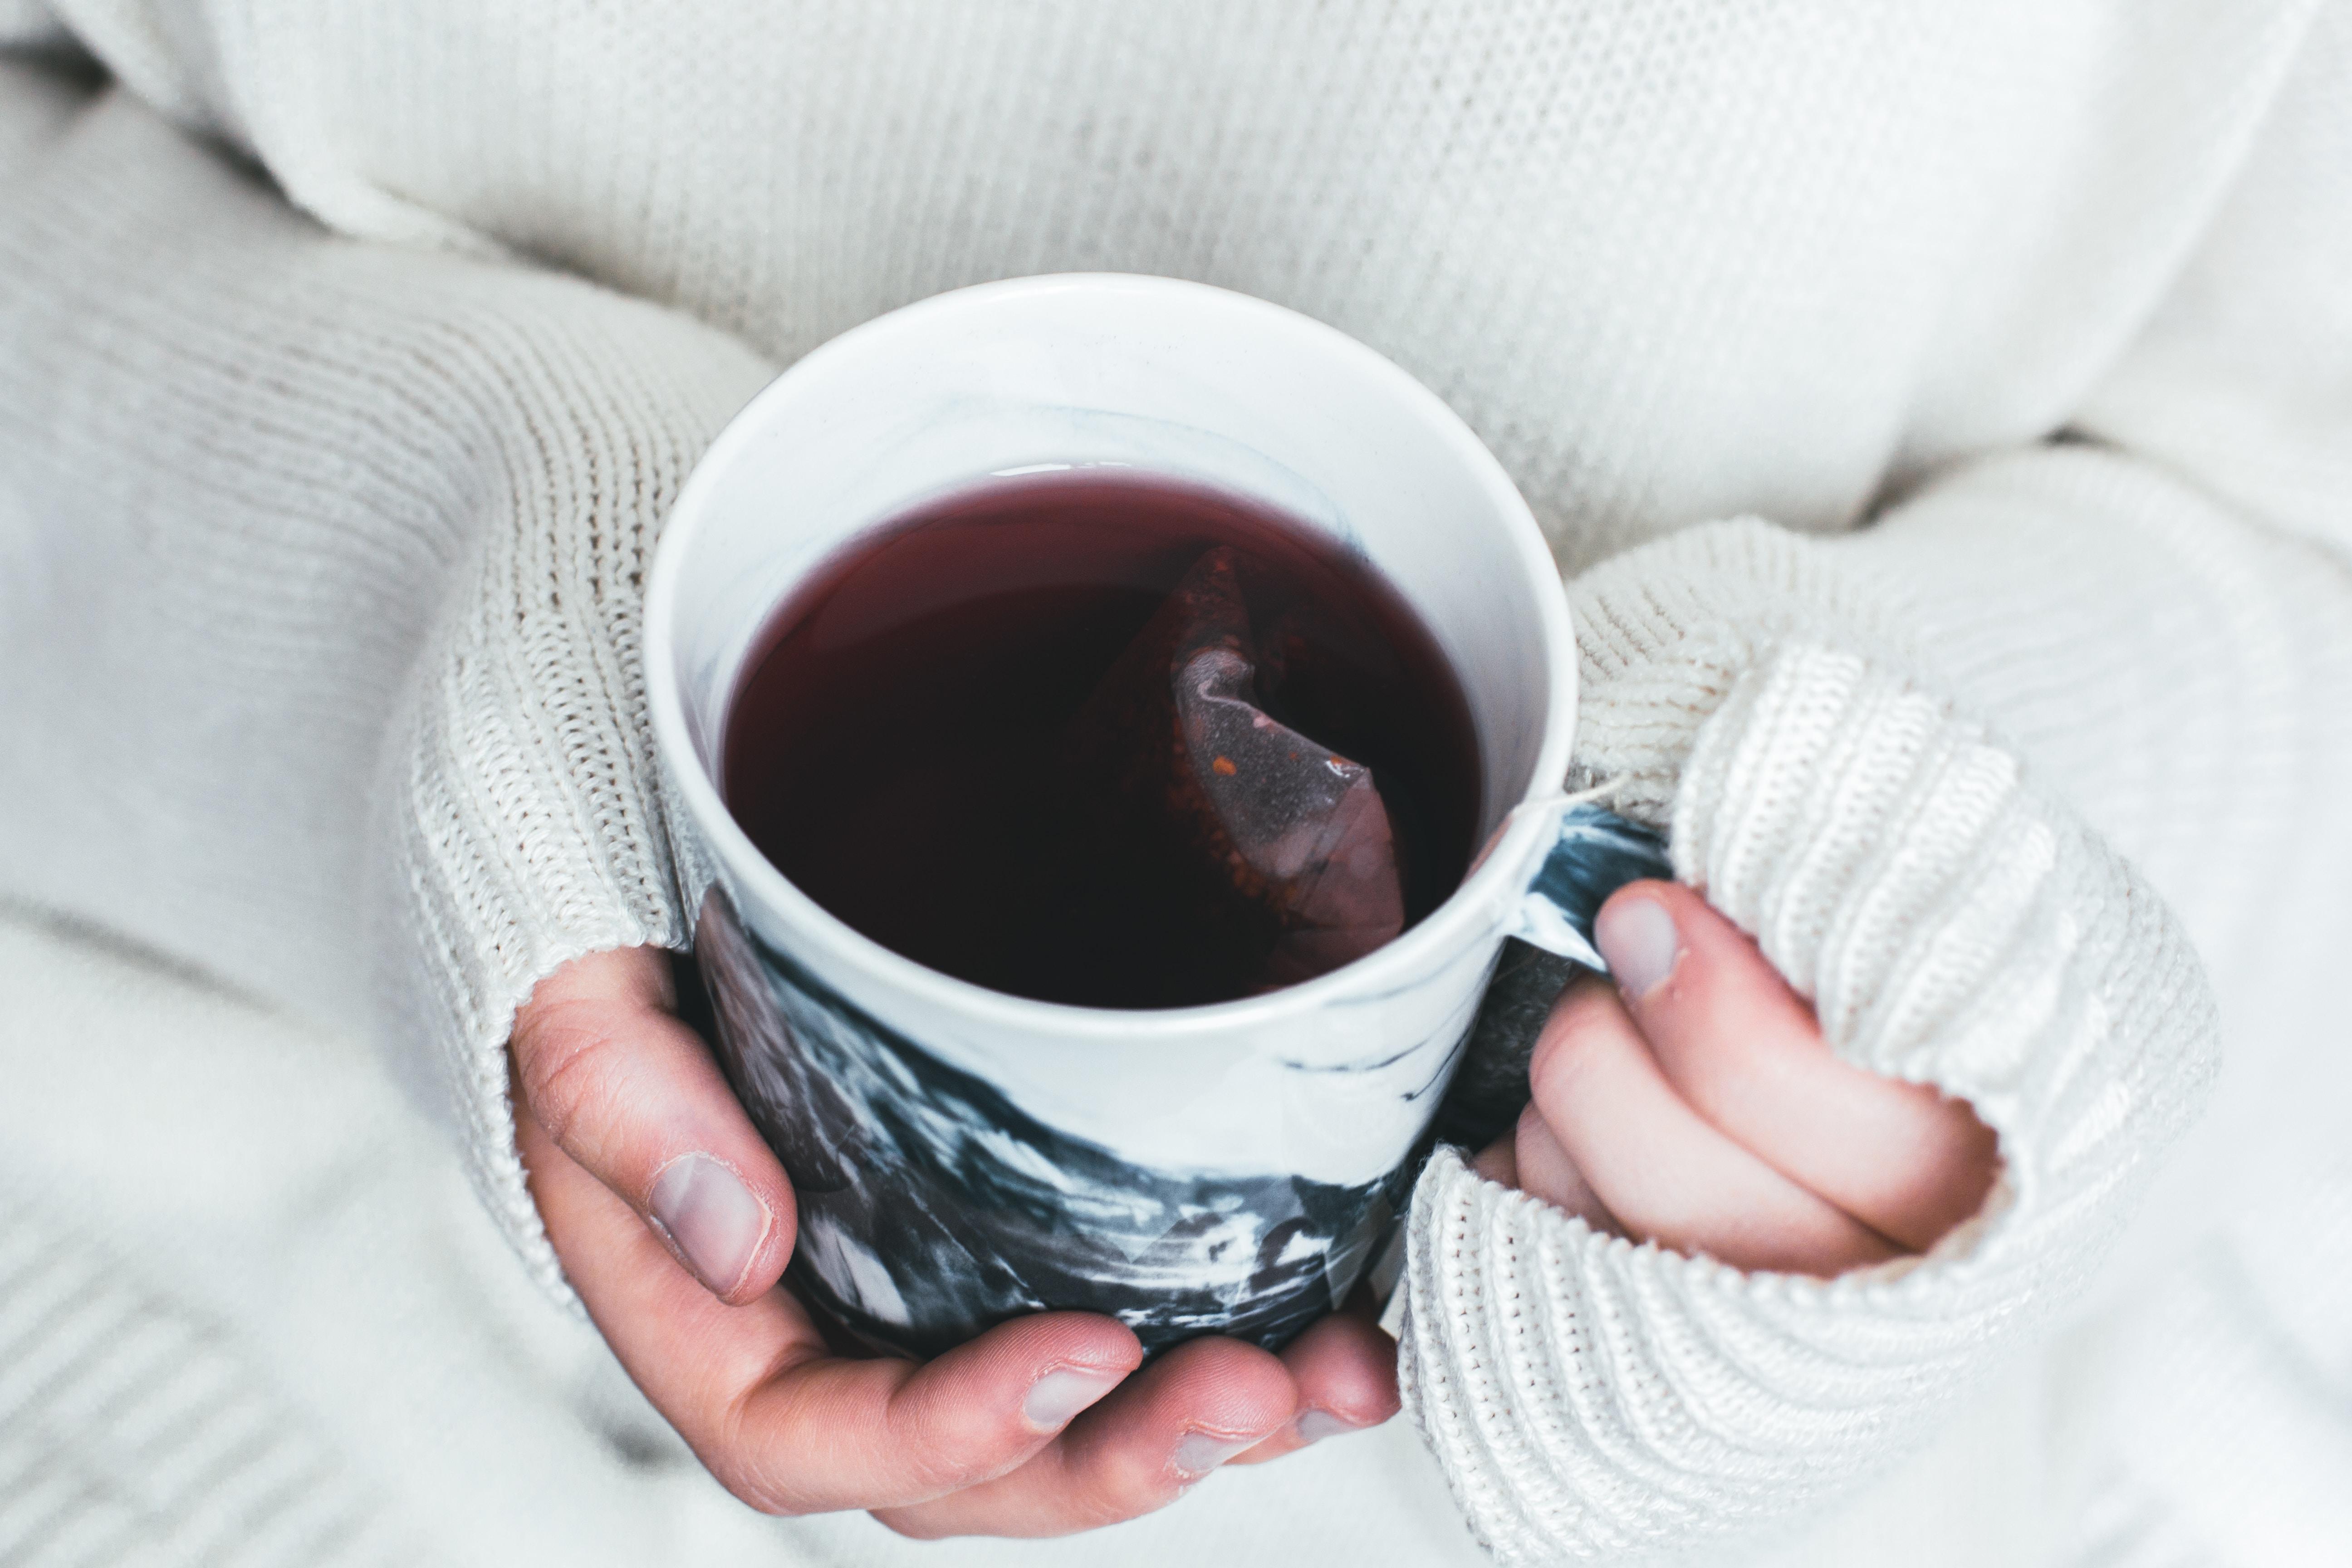 घर पर सर्दी-ज़ुकाम का इलाज कैसे करें?